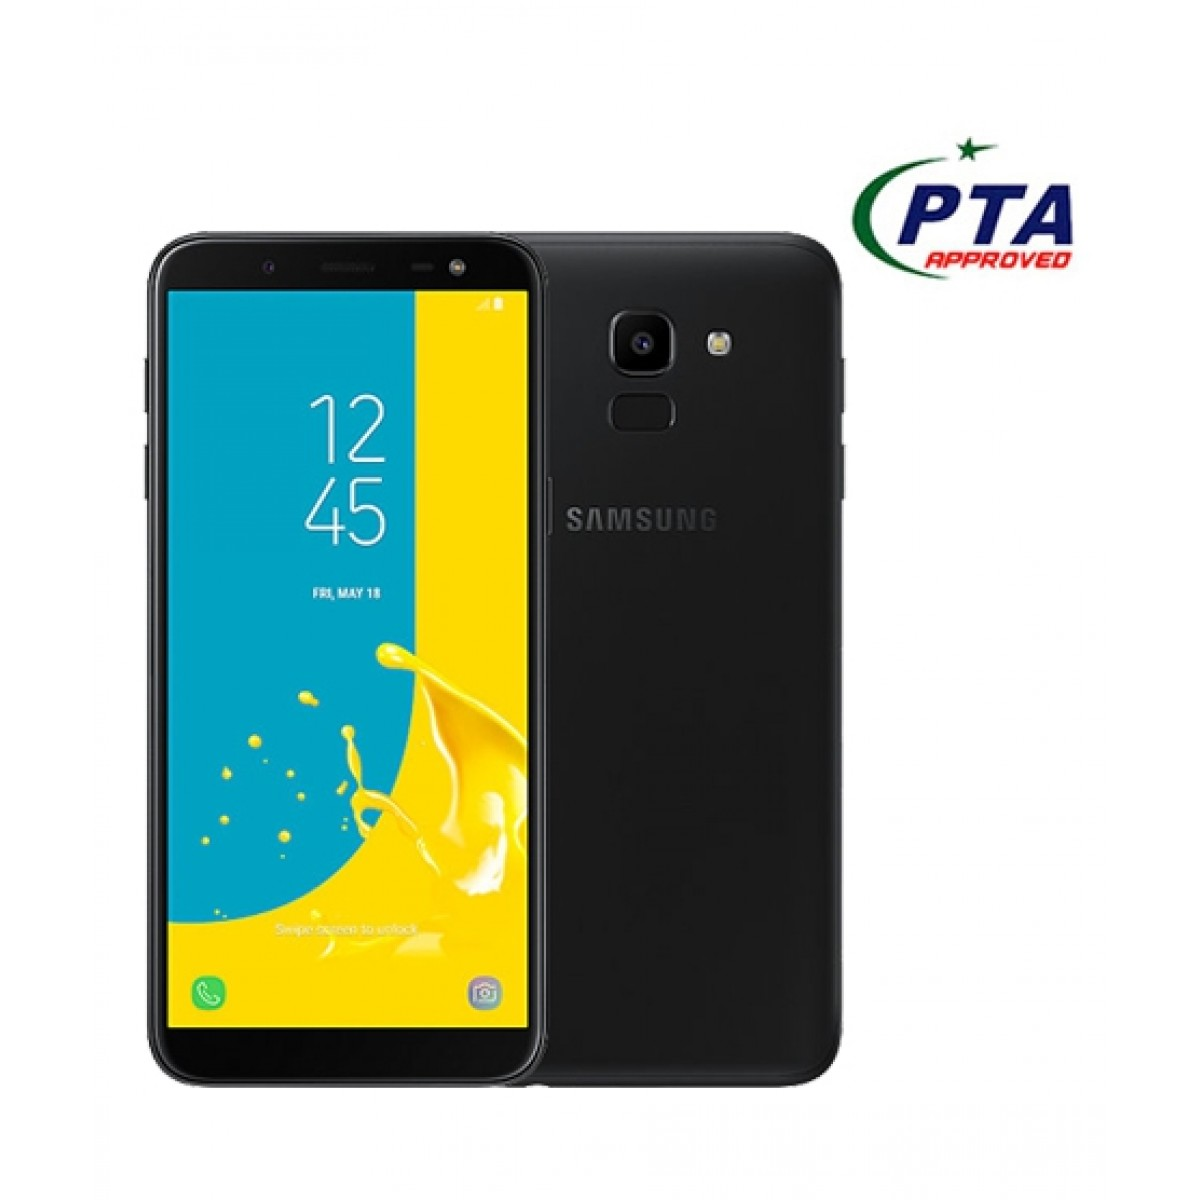 Samsung Galaxy J6 32GB Dual Sim Black (J600FD) - Official Warranty